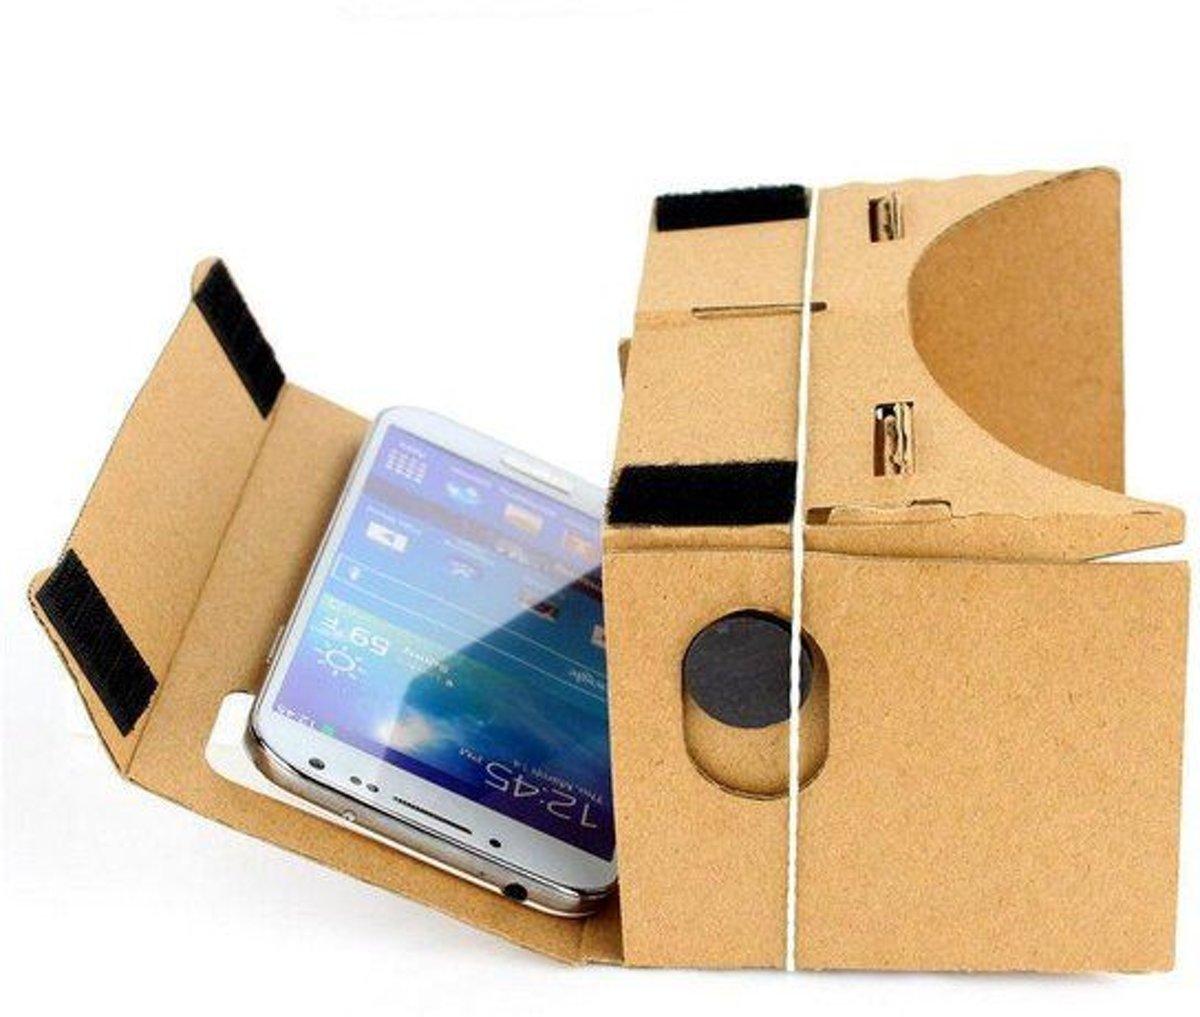 29ba3ecf4c974f (Google) cardboard inclusief hoofdband   Virtual reality 3D bril – geschikt  voor smartphones tot 5